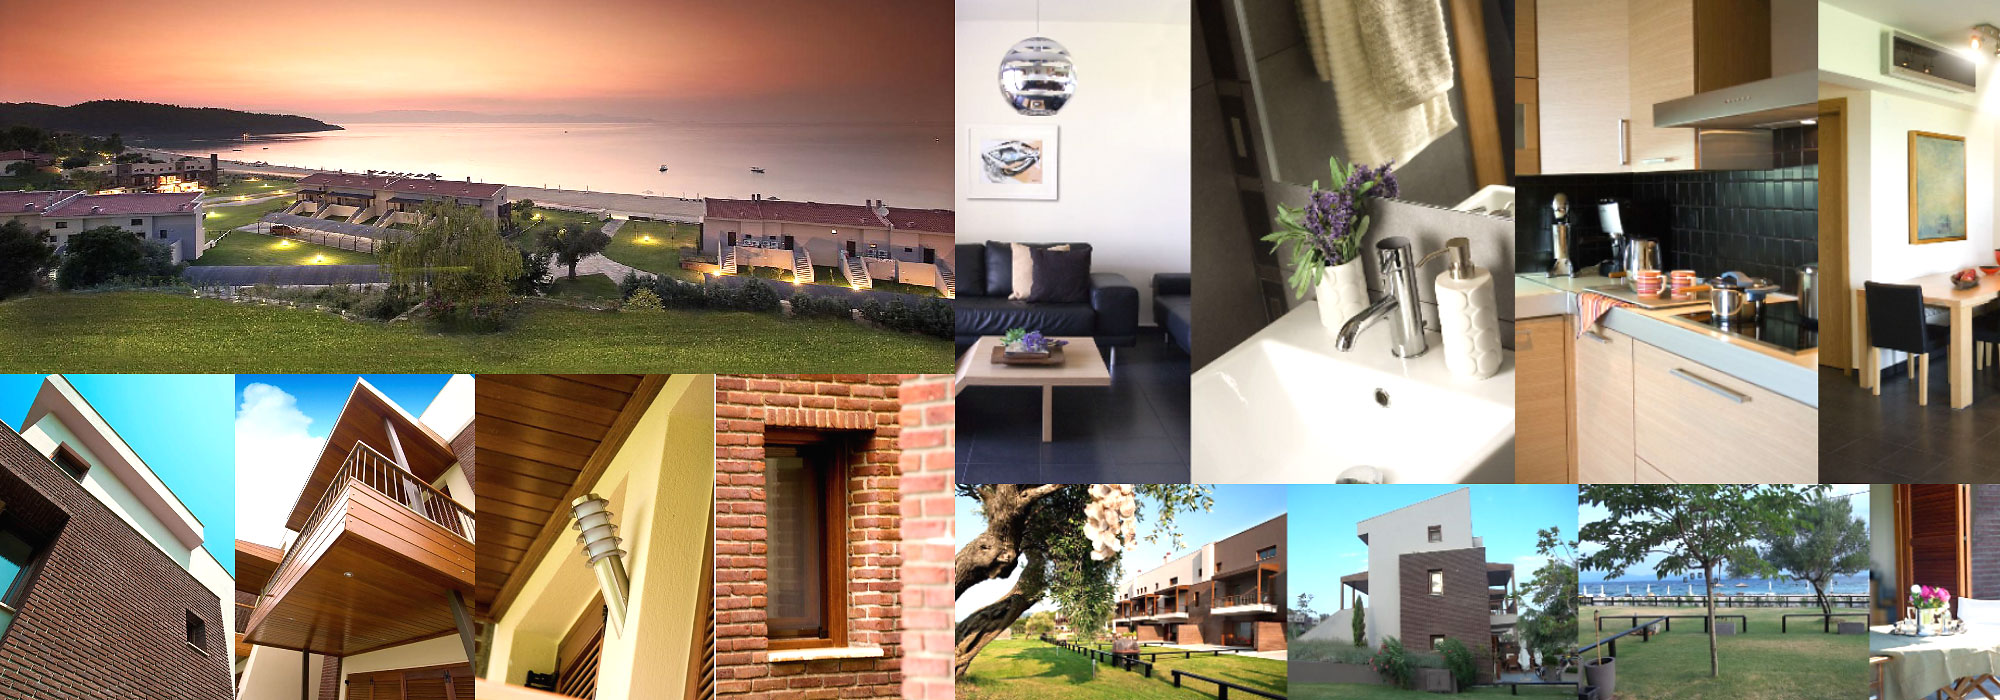 3 мезонетты. Комплекс загородных домов